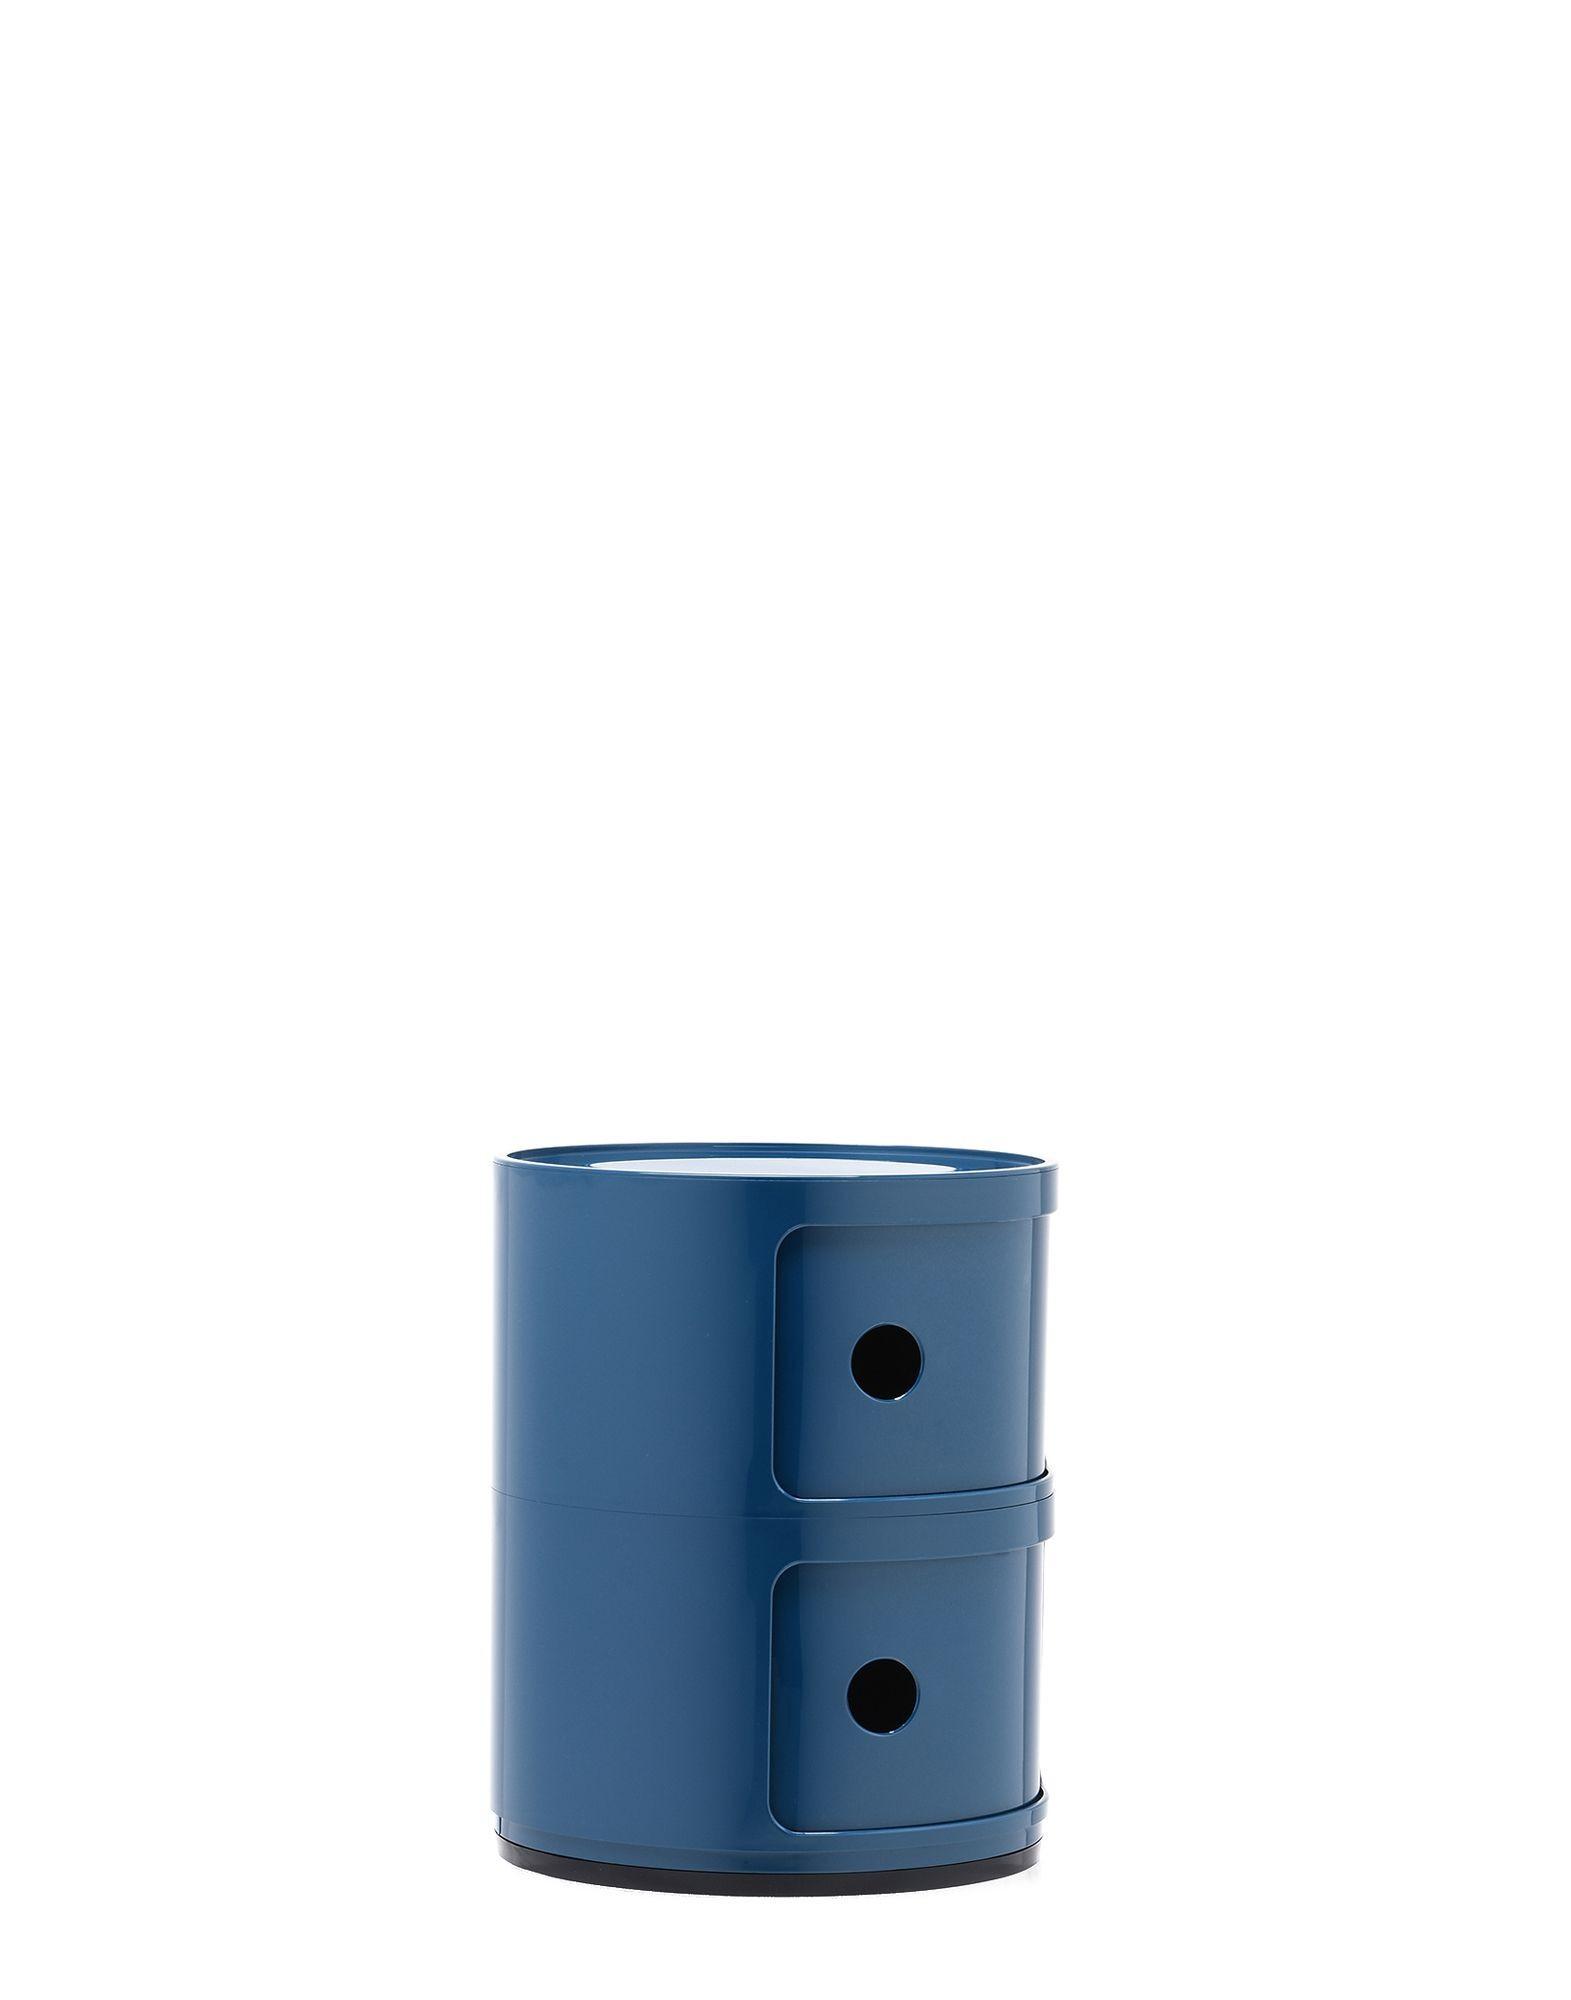 Table De Chevet Componibili meuble de rangement componibili de kartell, petit modèle, 10 coloris